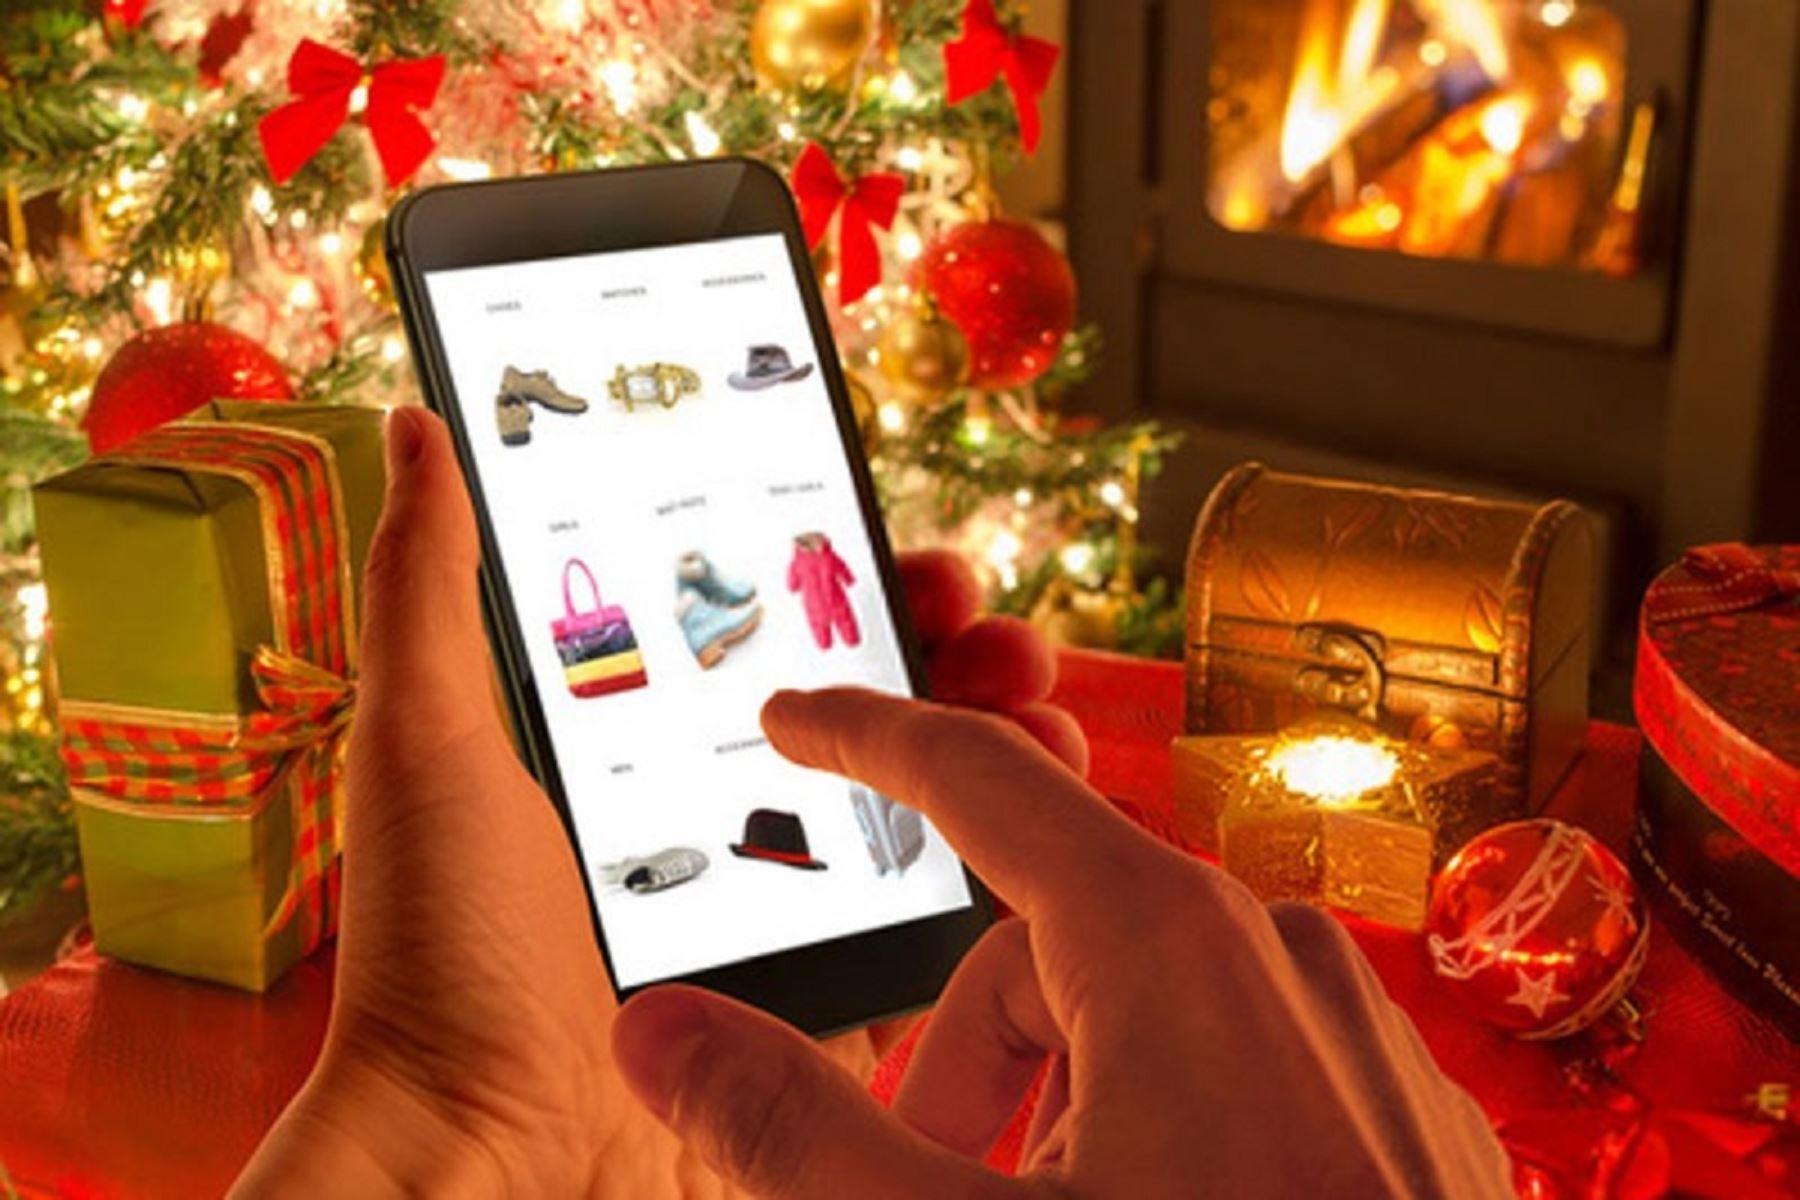 consumidores-preferiran-unos-de-app-sin-sobrecostos-para-compras-de-fin-de-ano